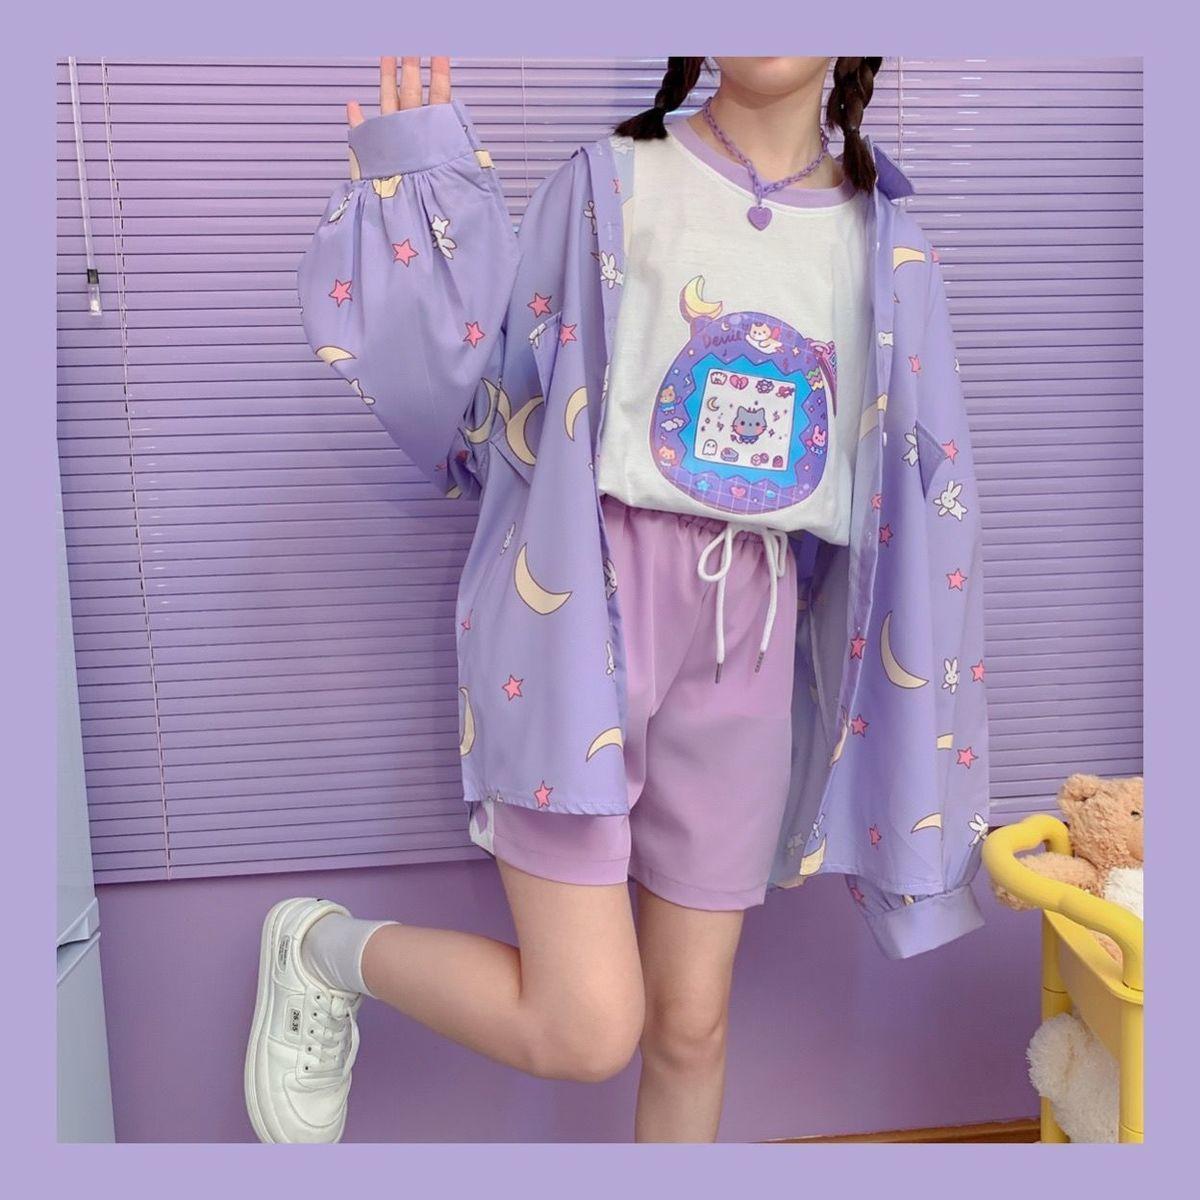 Harajuku Soft Girl Oversized T-shirt 48